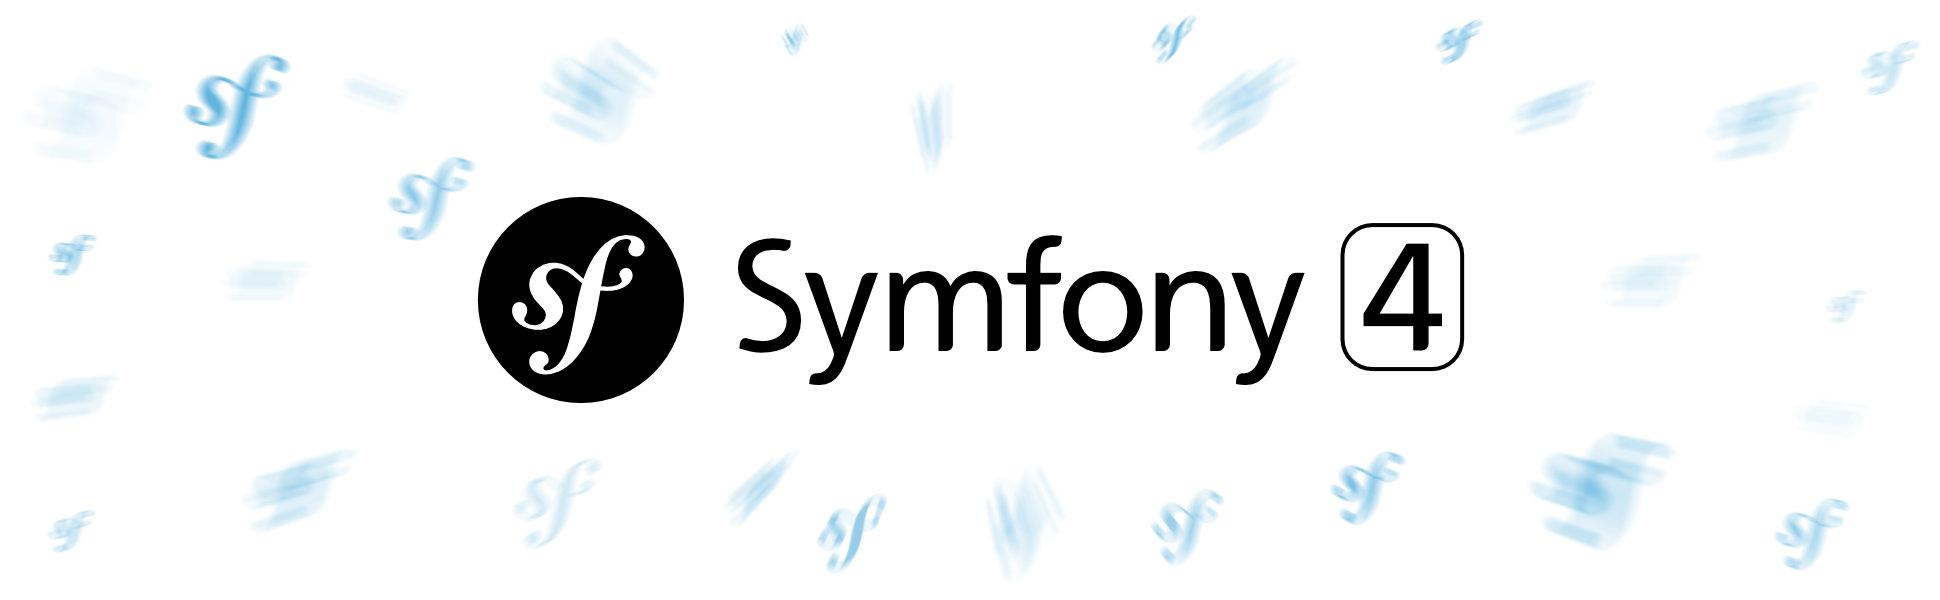 Symfony 4 se publicó el 30 de noviembre de 2017